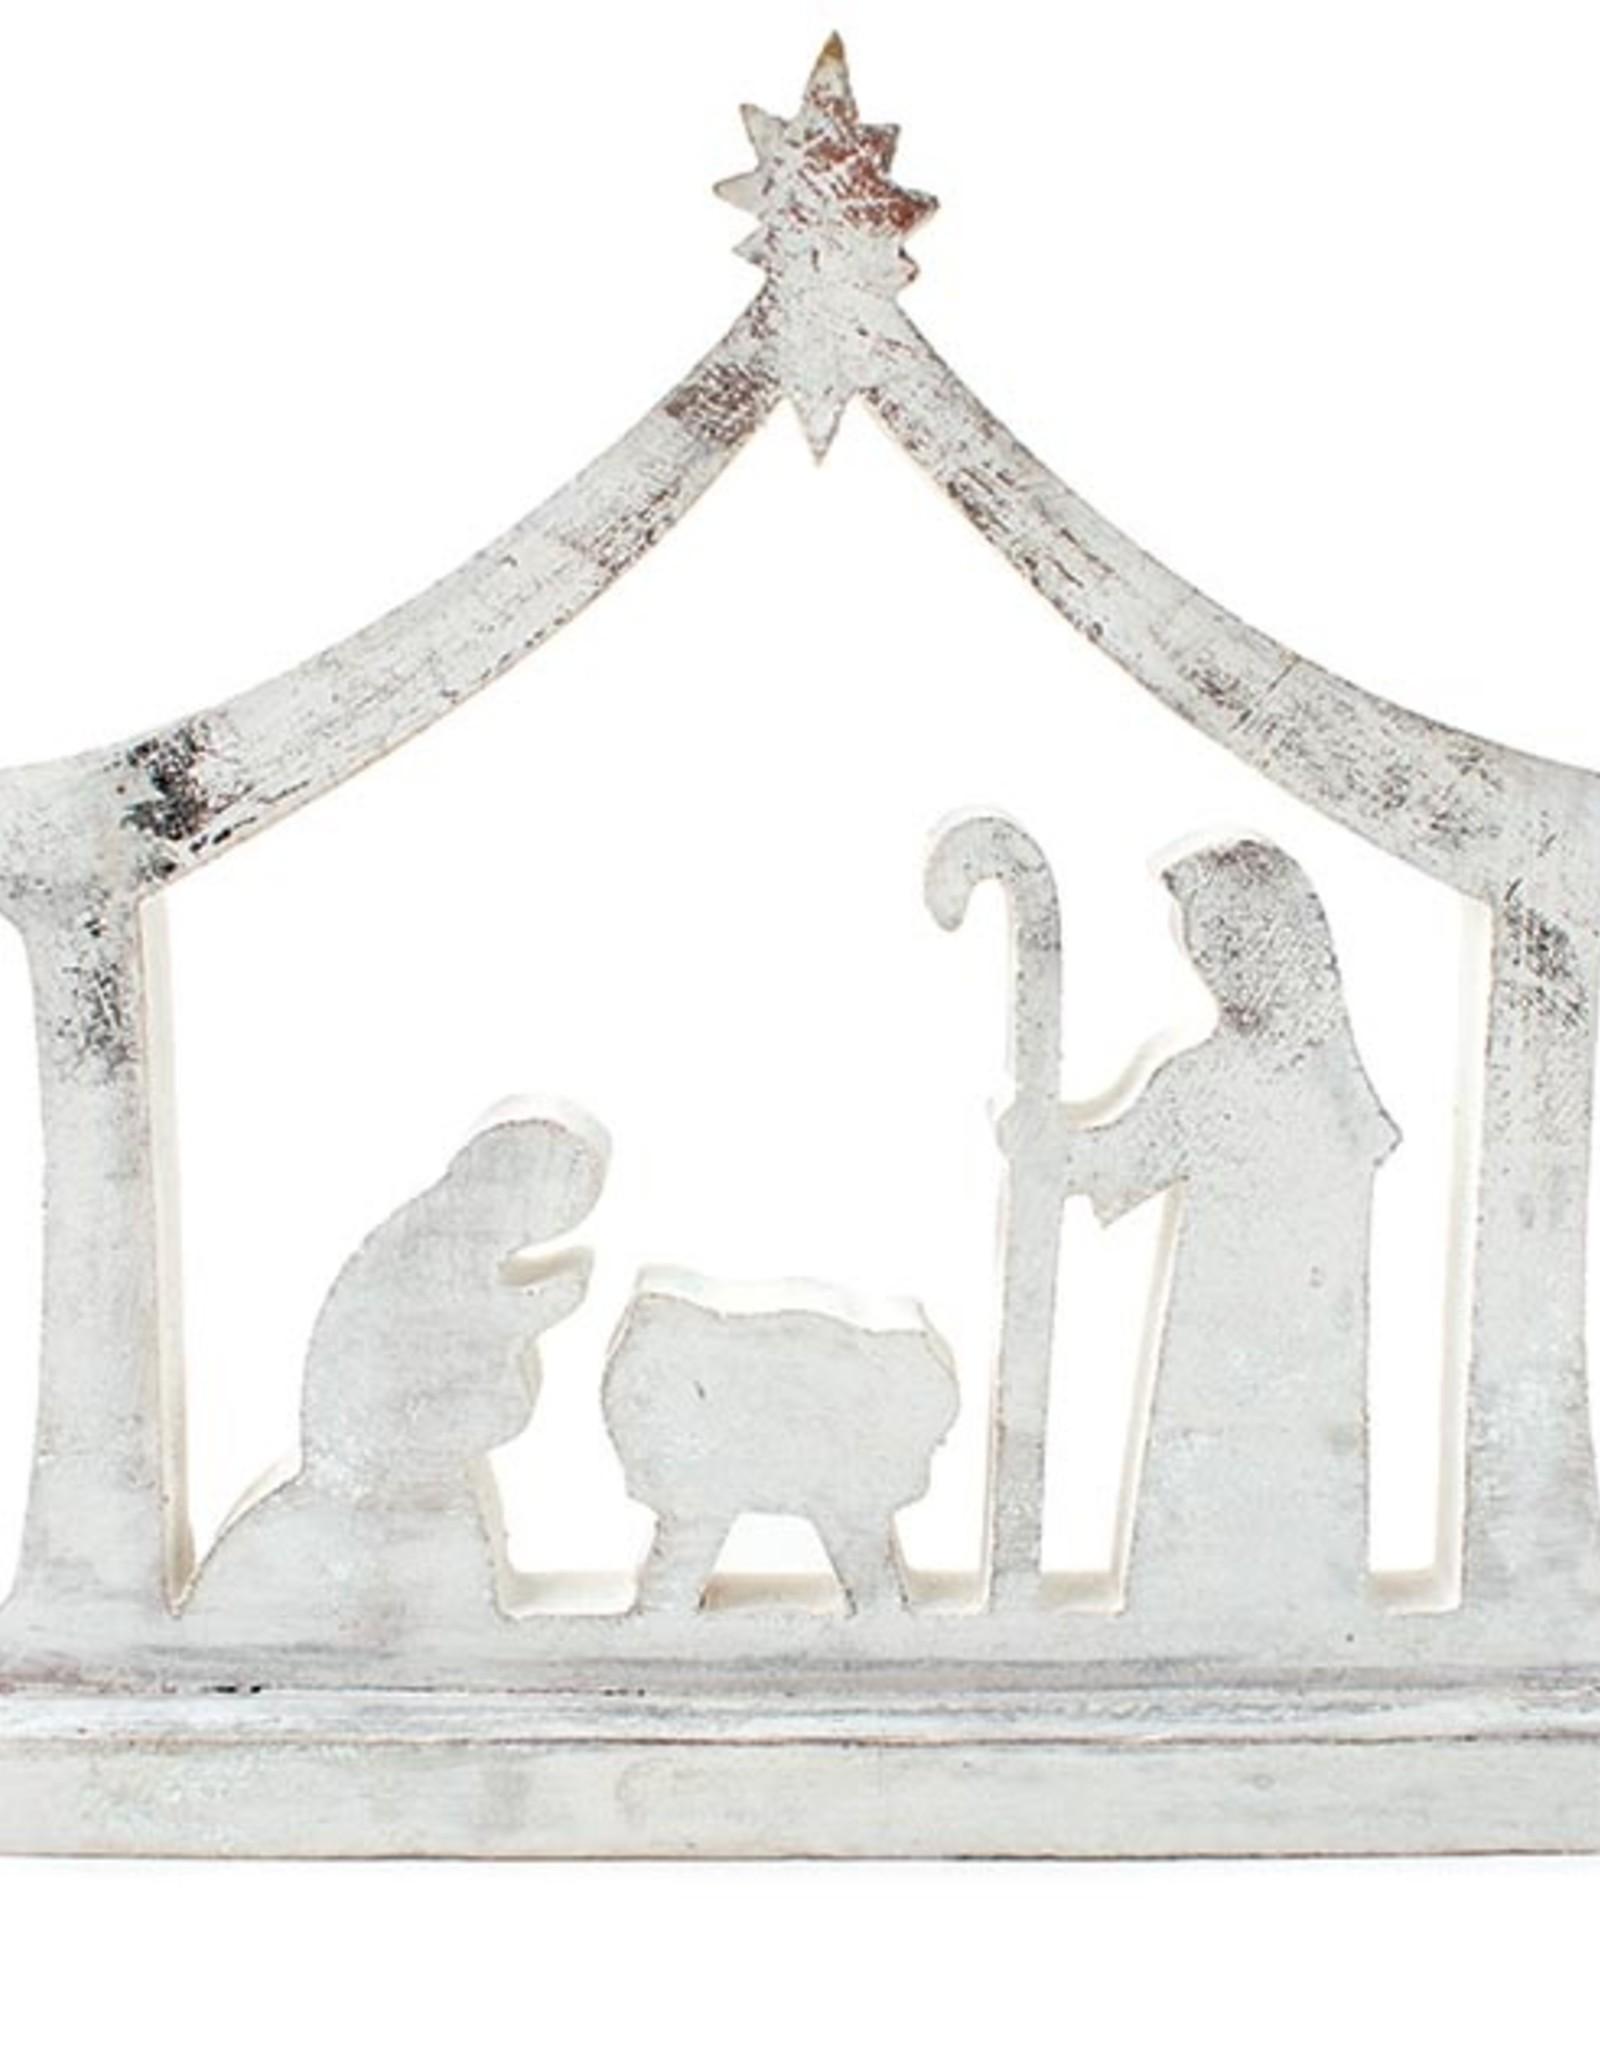 Wink Wood Nativity - Whitewashed